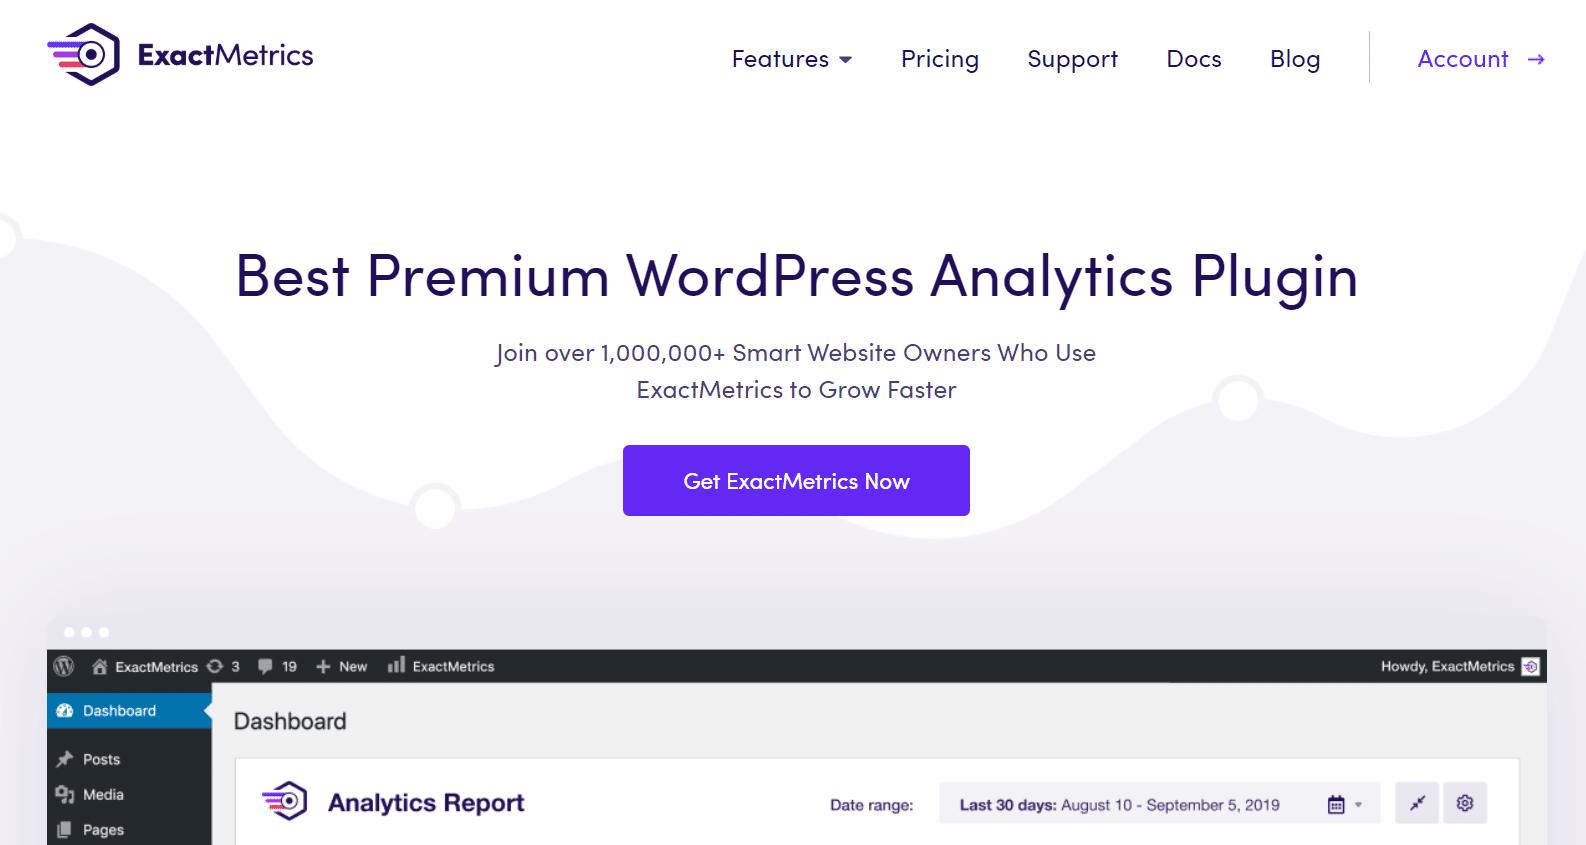 exactmetrics-premium-wordpress-analytics-plugin